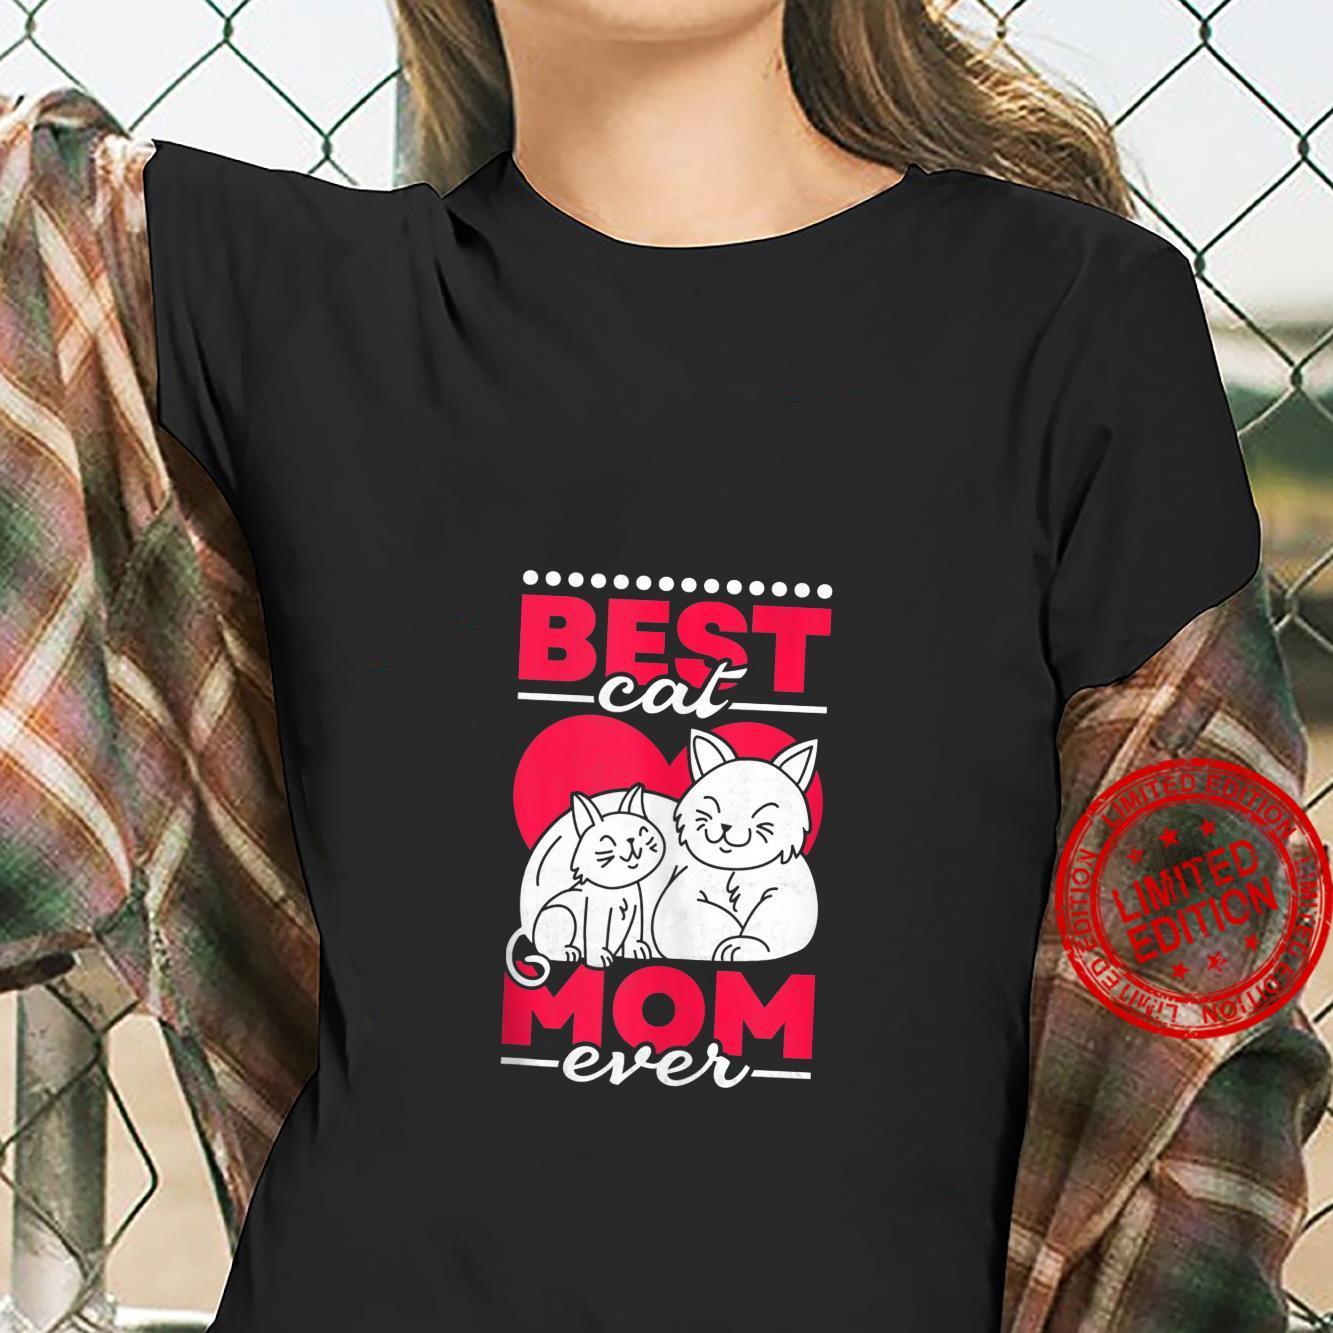 Best Cat Mom Ever, Cat Shirt ladies tee